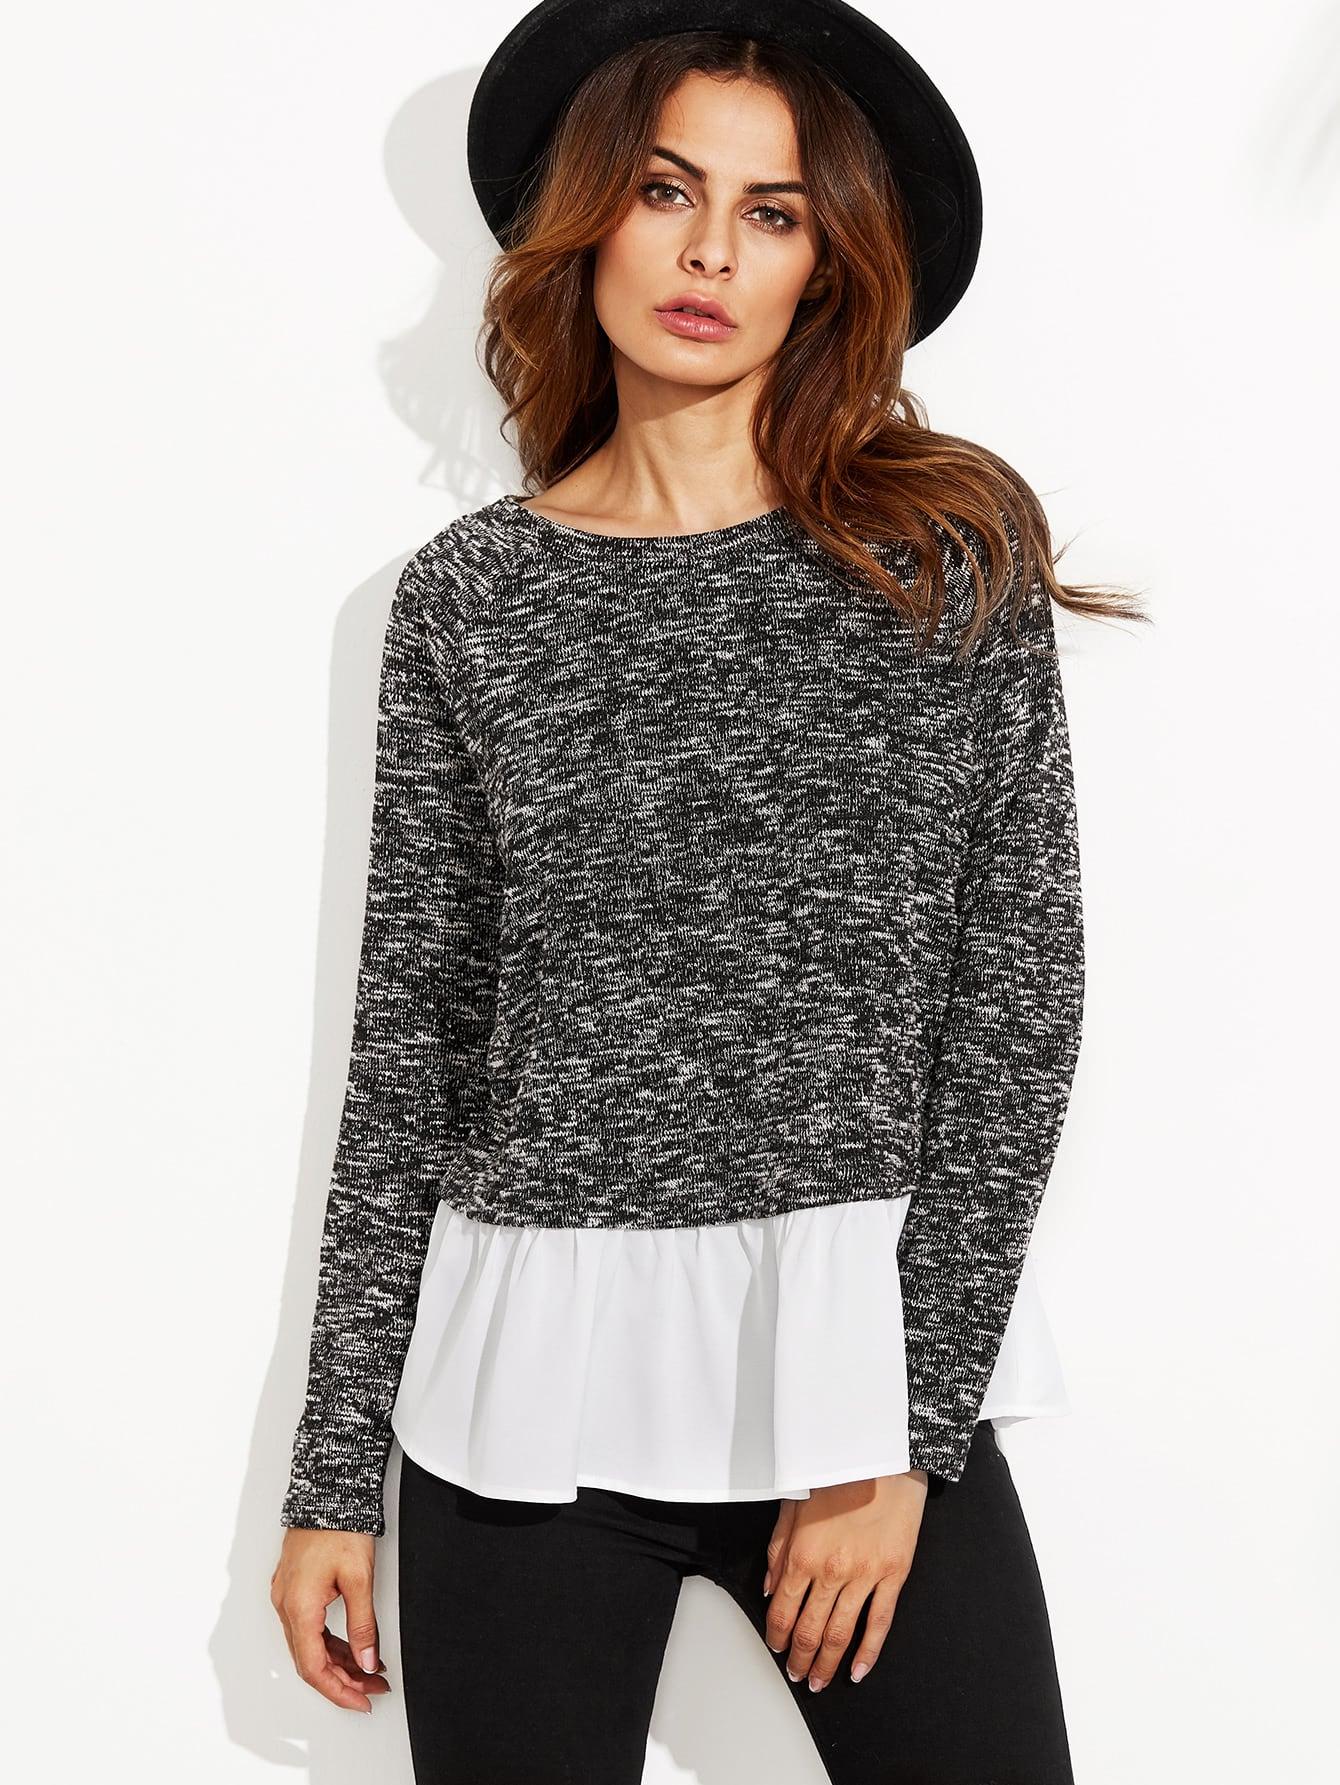 sweatshirt160815703_2